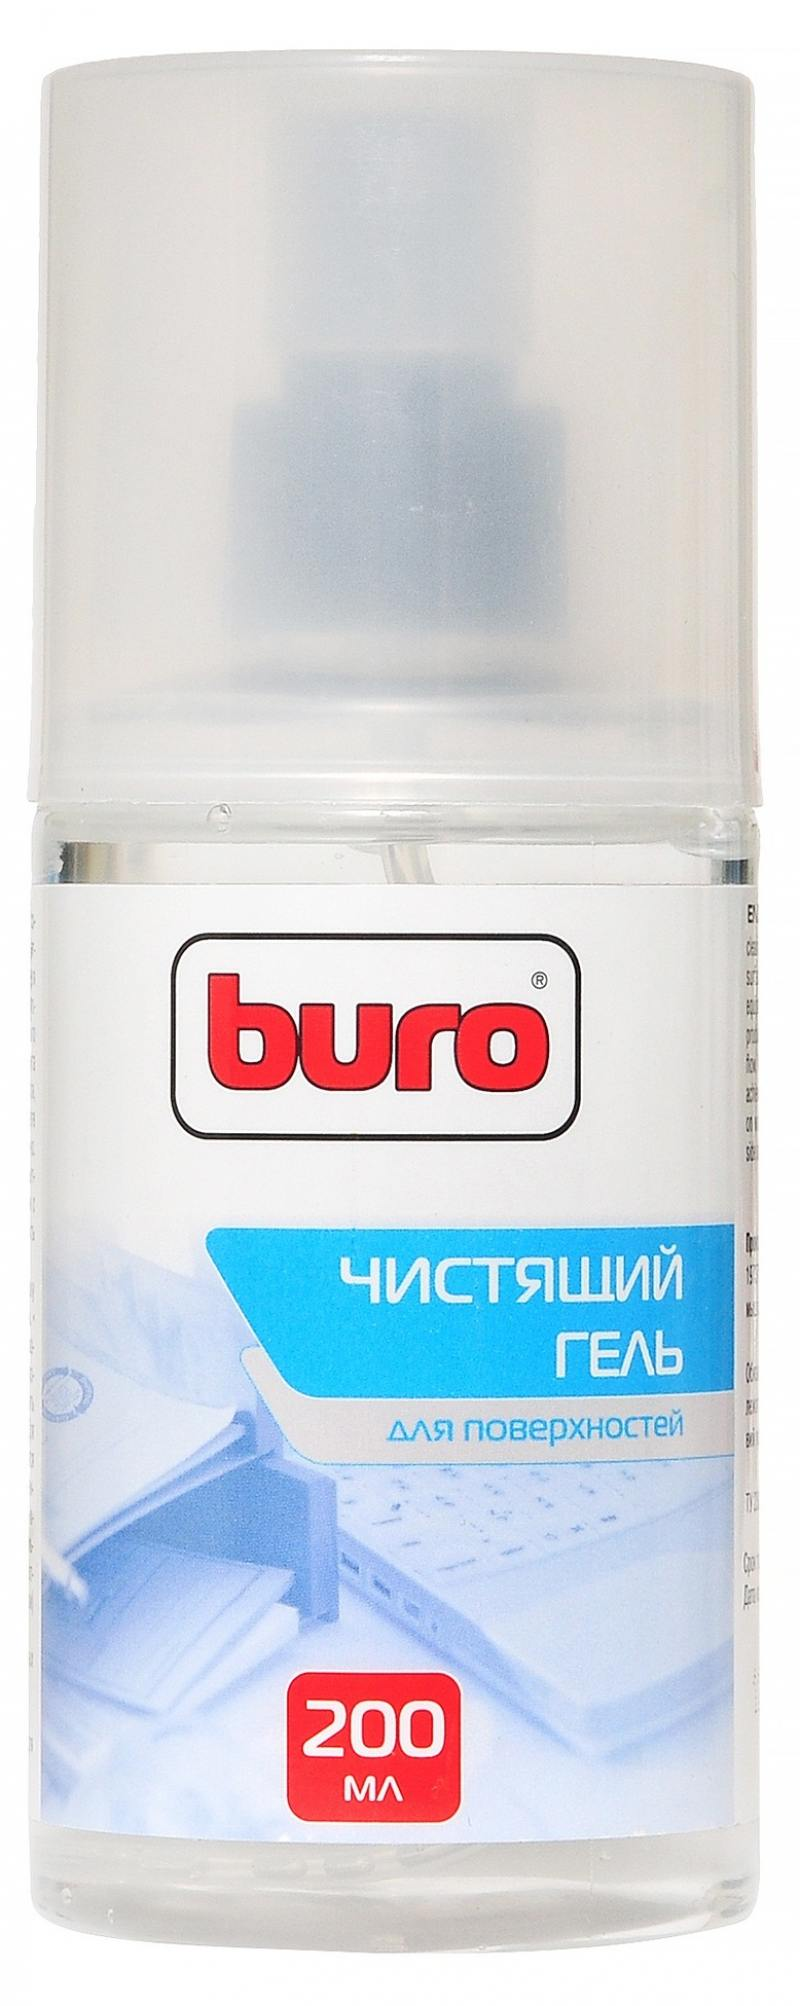 Картинка для Набор для ухода за техникой BURO BU-GSURFACE 200 мл + салфетка из микрофибры